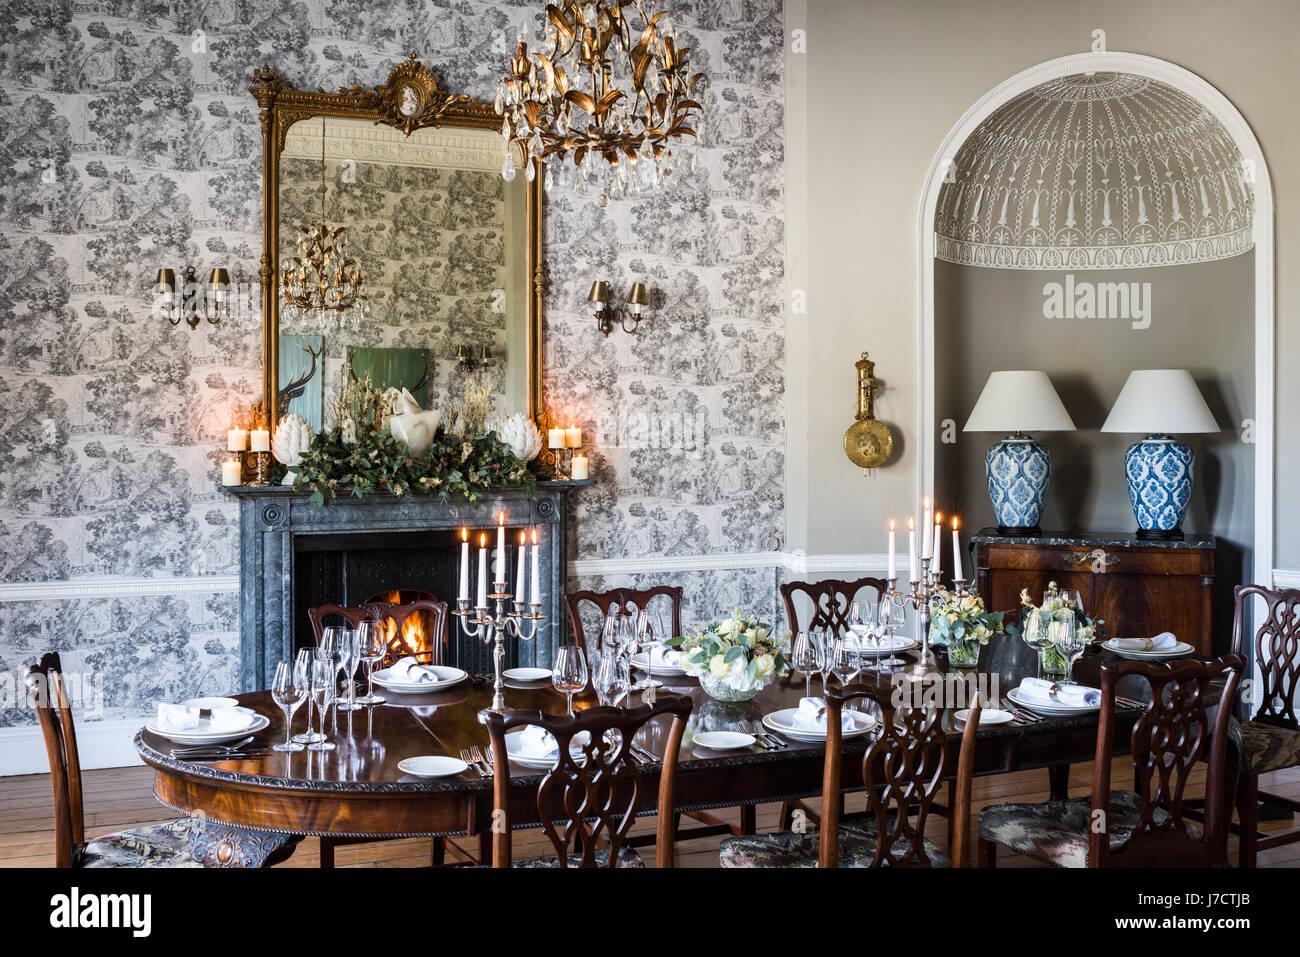 Esszimmer Mit Glas Und Vergoldeten Kronleuchter Aus JFM Innenräume über  Esstisch Für Eine Formale Mahlzeit Gelegt. Ein Großer Vergoldeter Spiegel  Liegt über ...